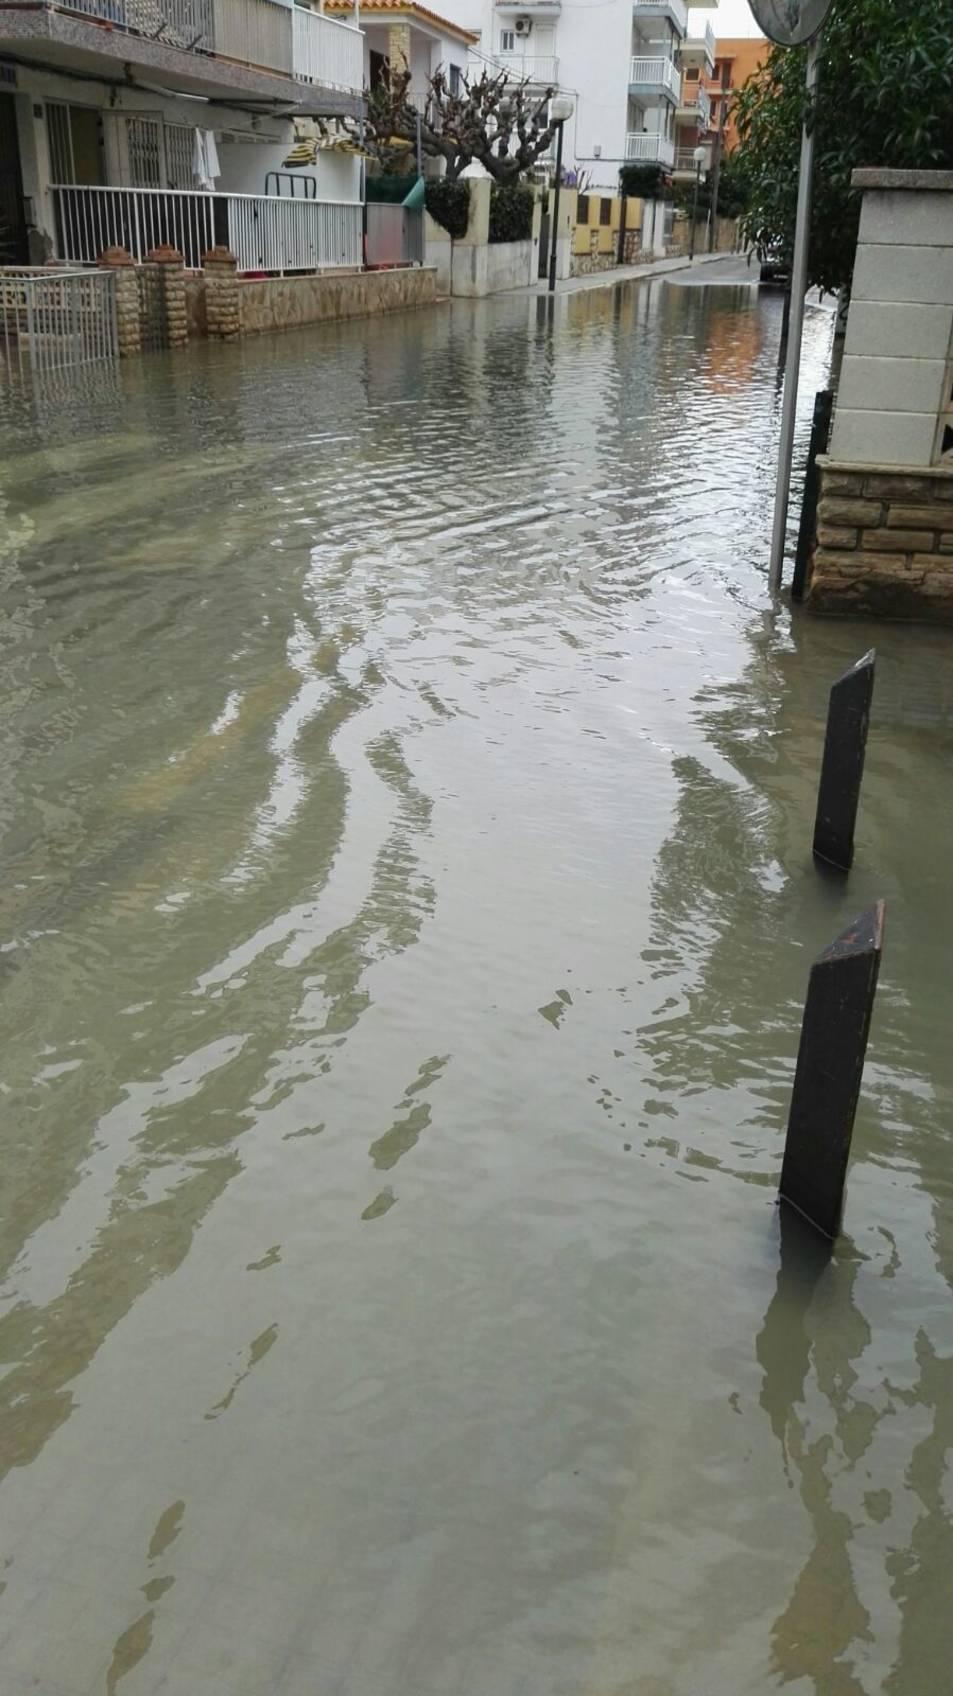 L'aigua ha inundat els carrers.